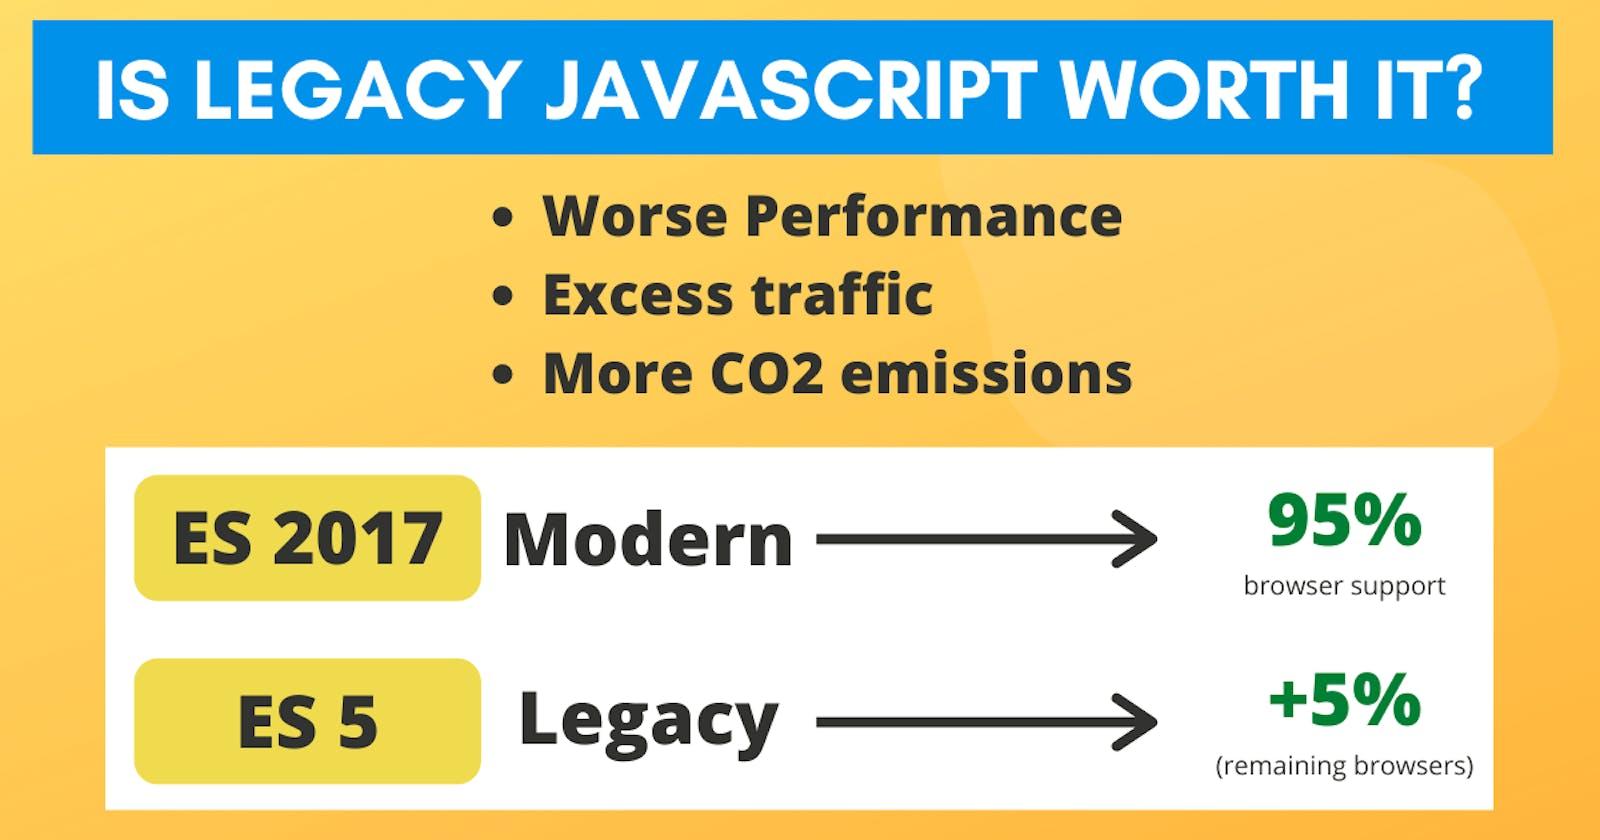 Is Legacy JavaScript worth it?